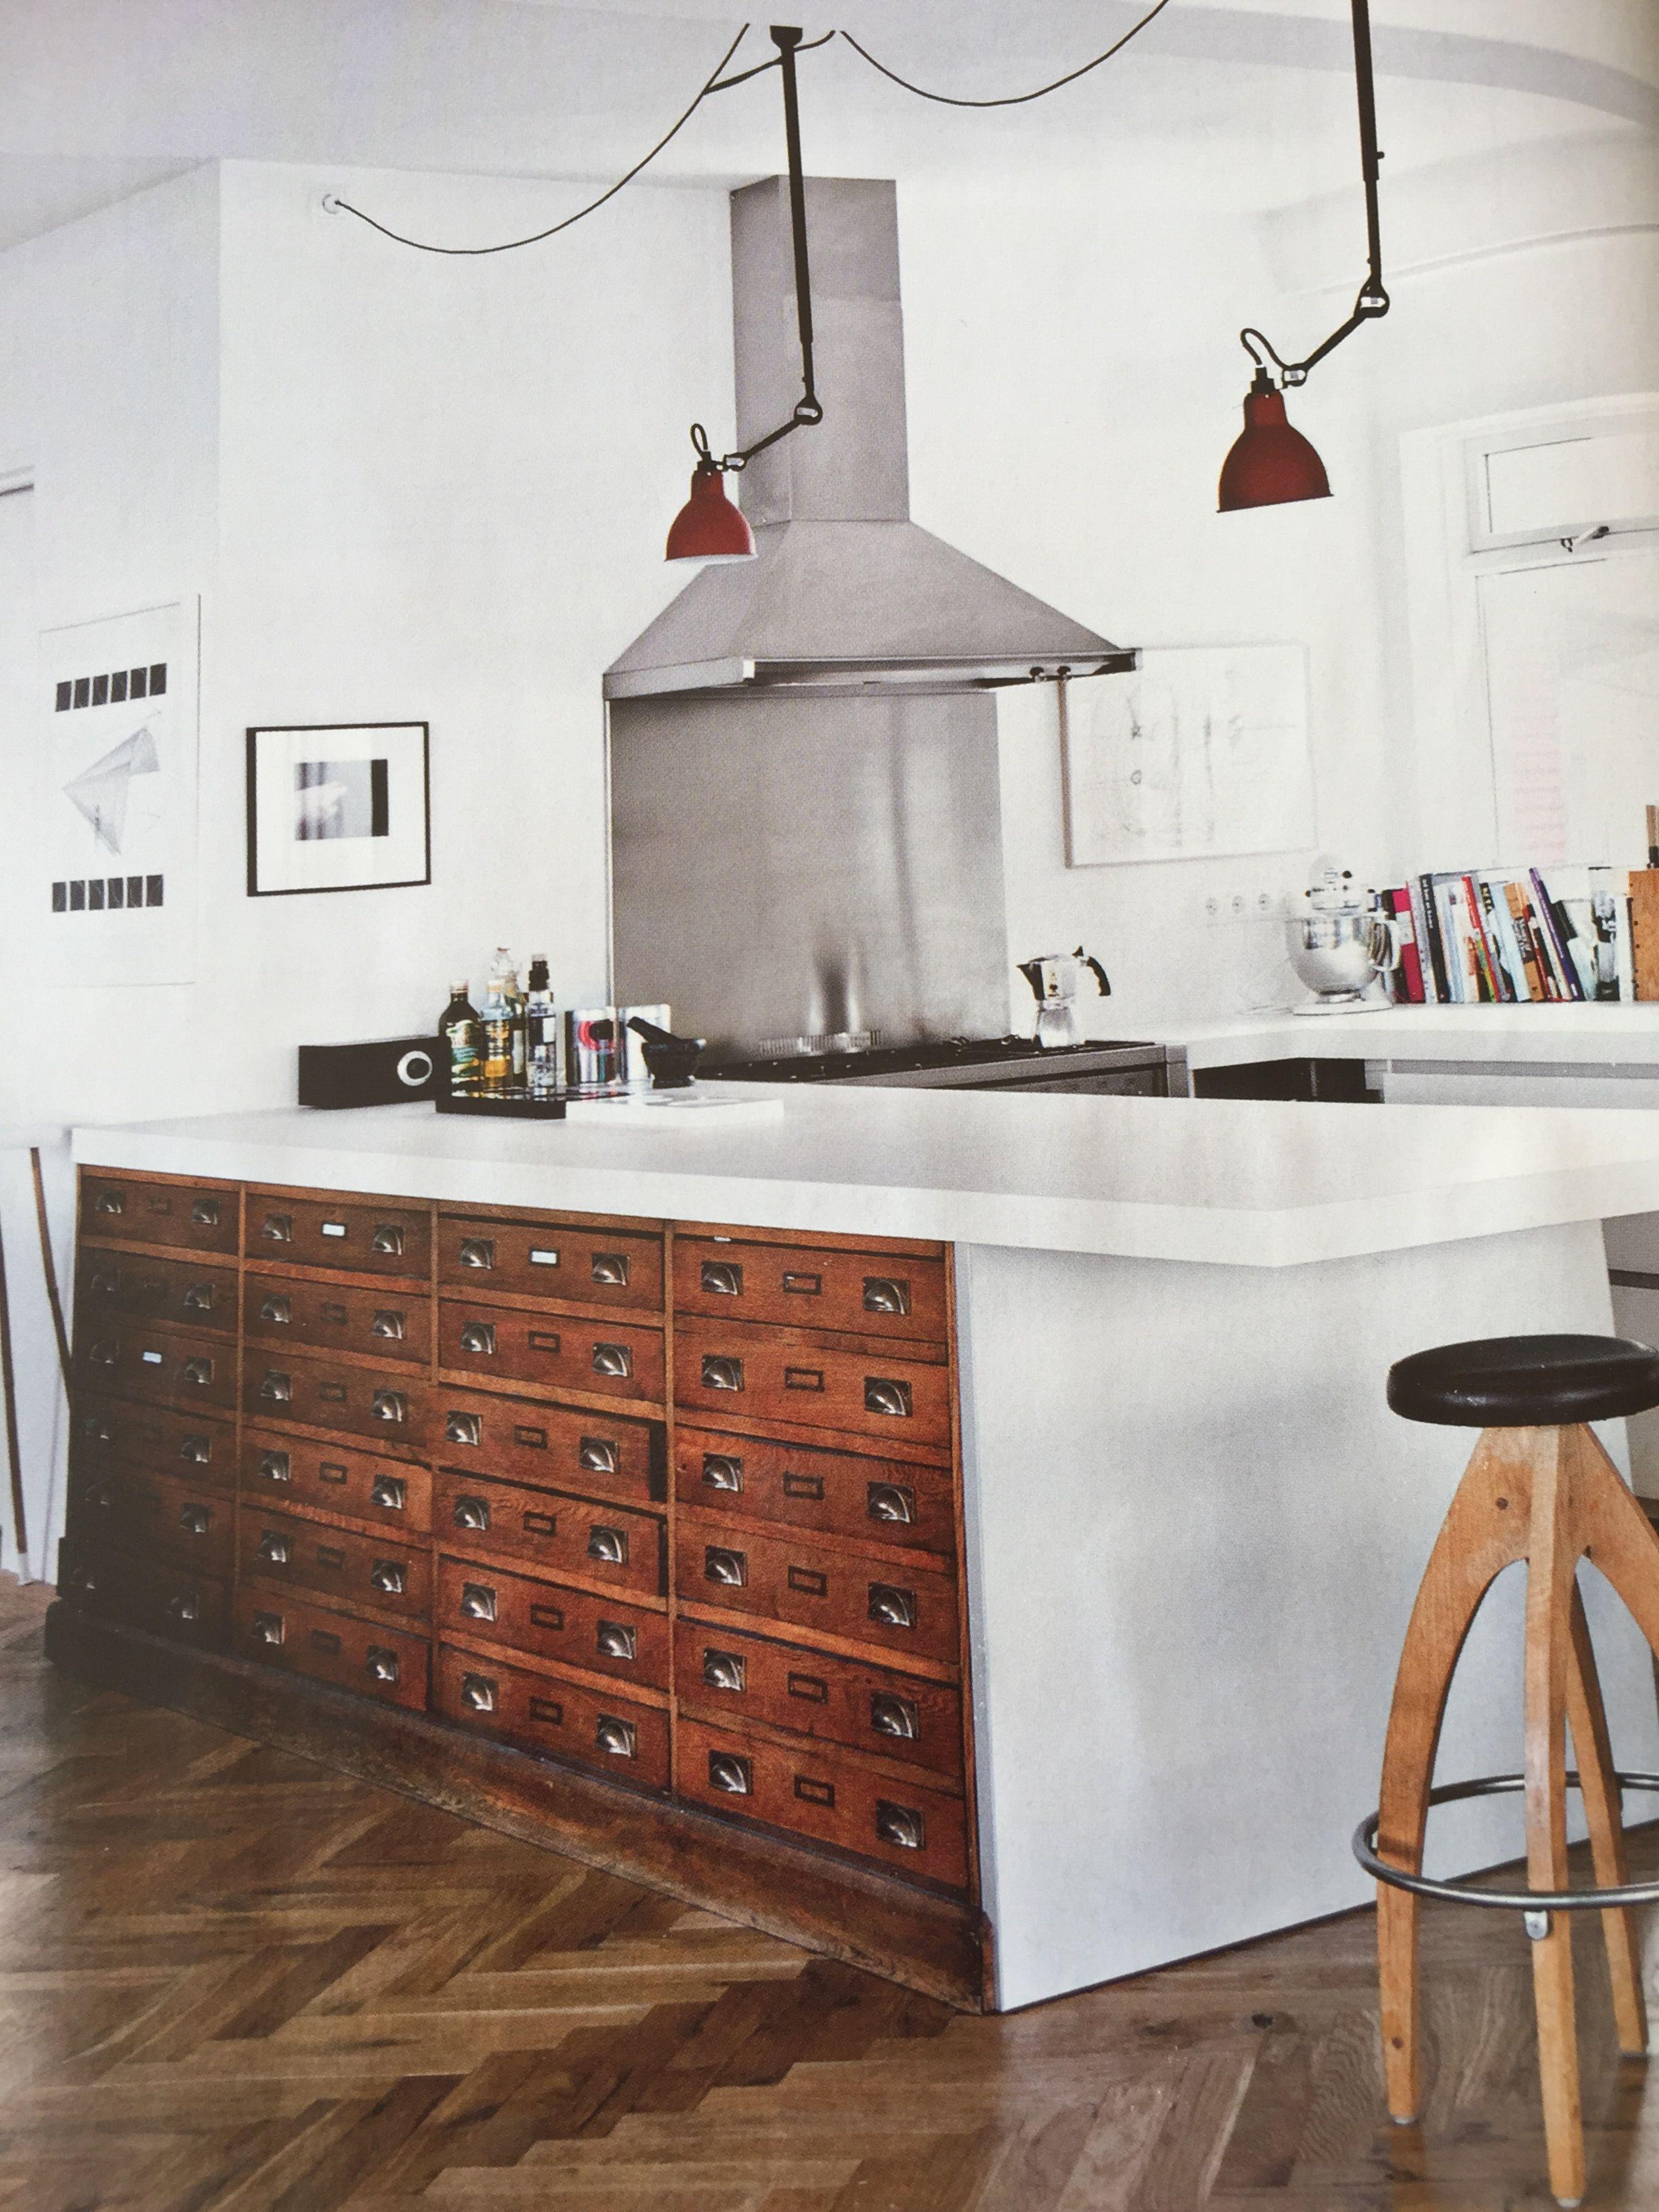 Küche mit Apothekerschrank - schöner wohnen Januar 2016 ...